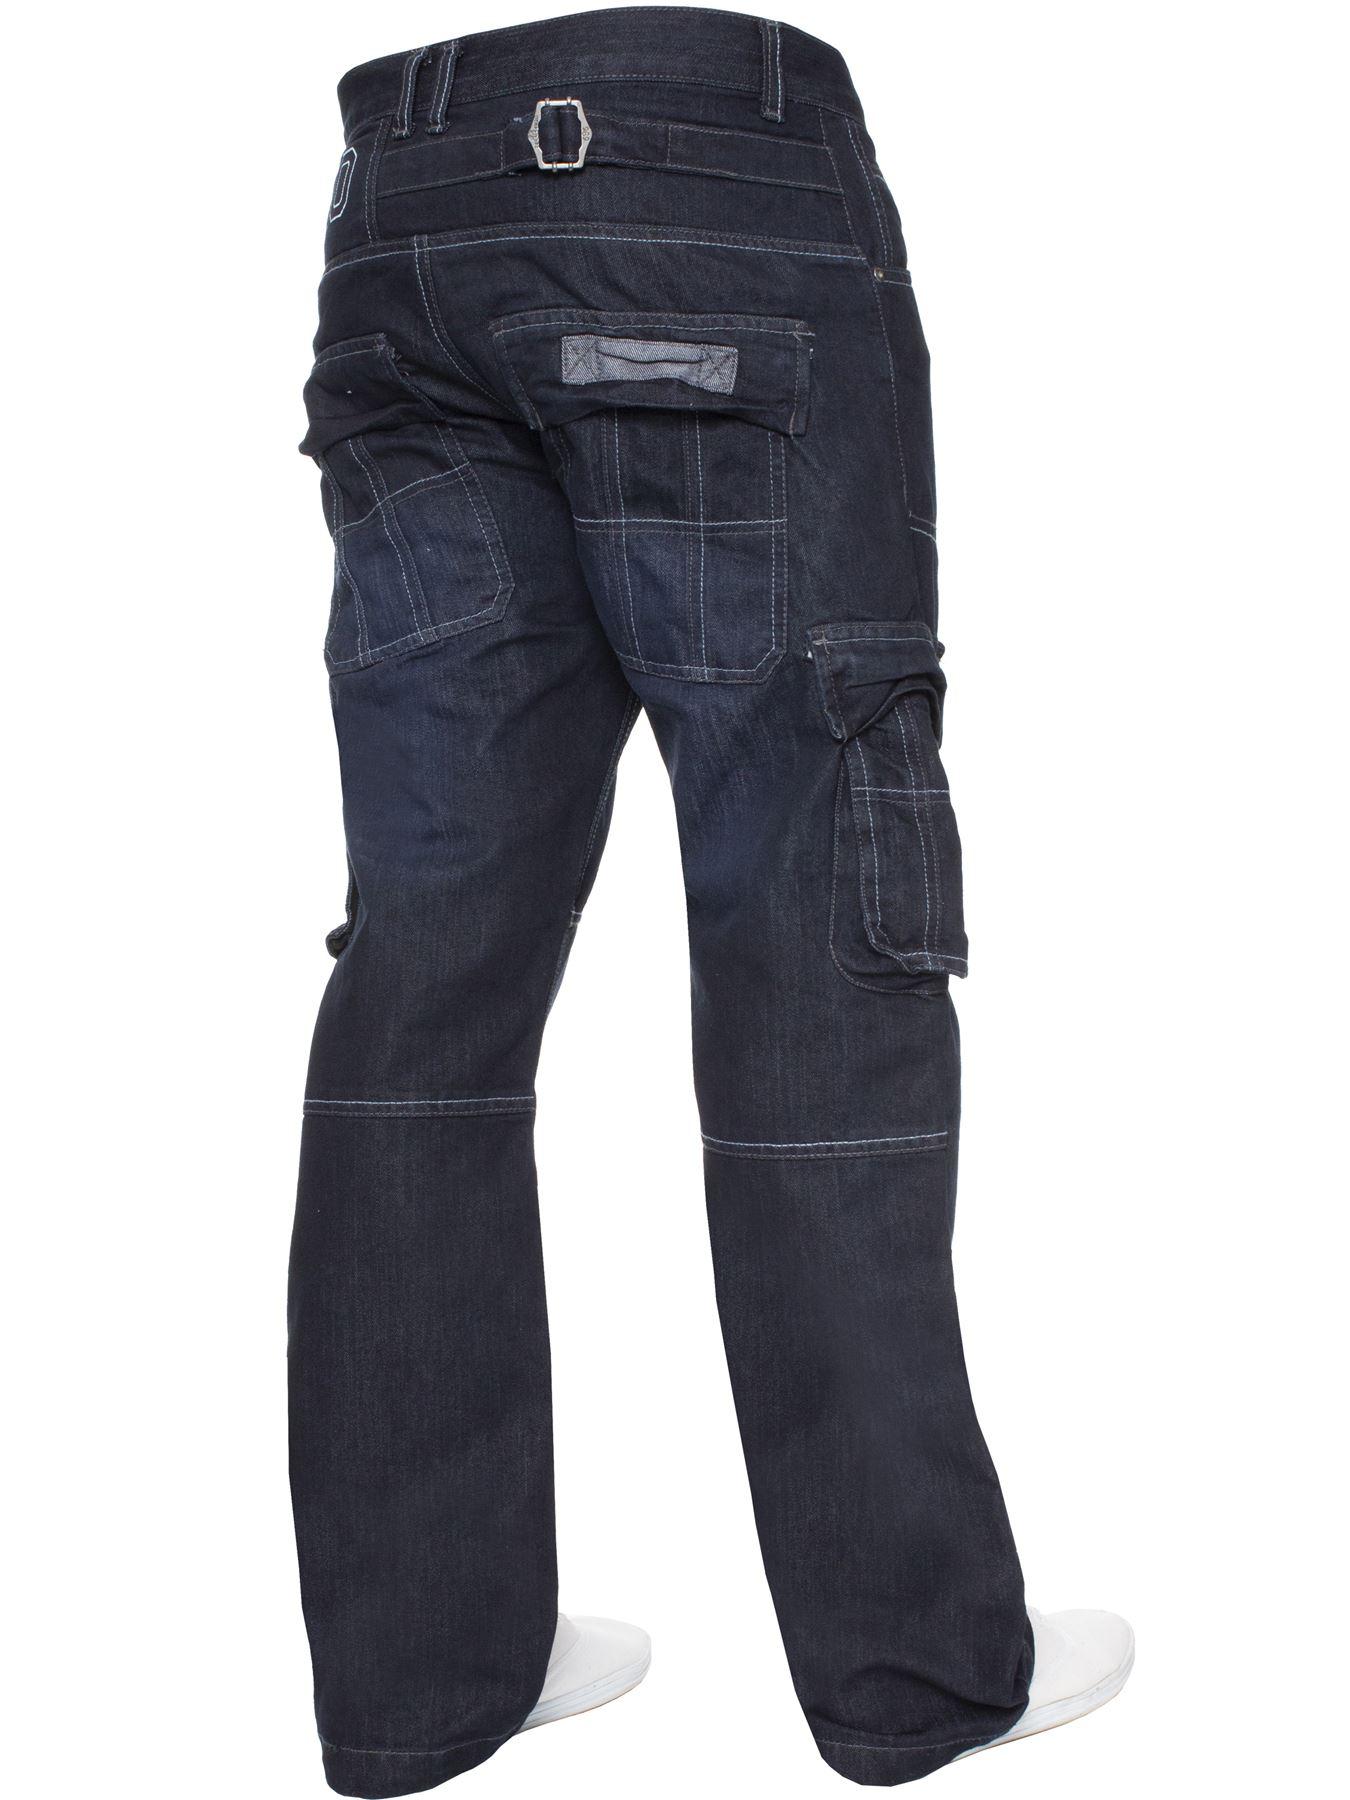 Jeans-Para-Hombre-de-carga-de-combate-pesado-Pantalones-de-trabajo-pantalones-de-mezclilla-Big-King miniatura 23